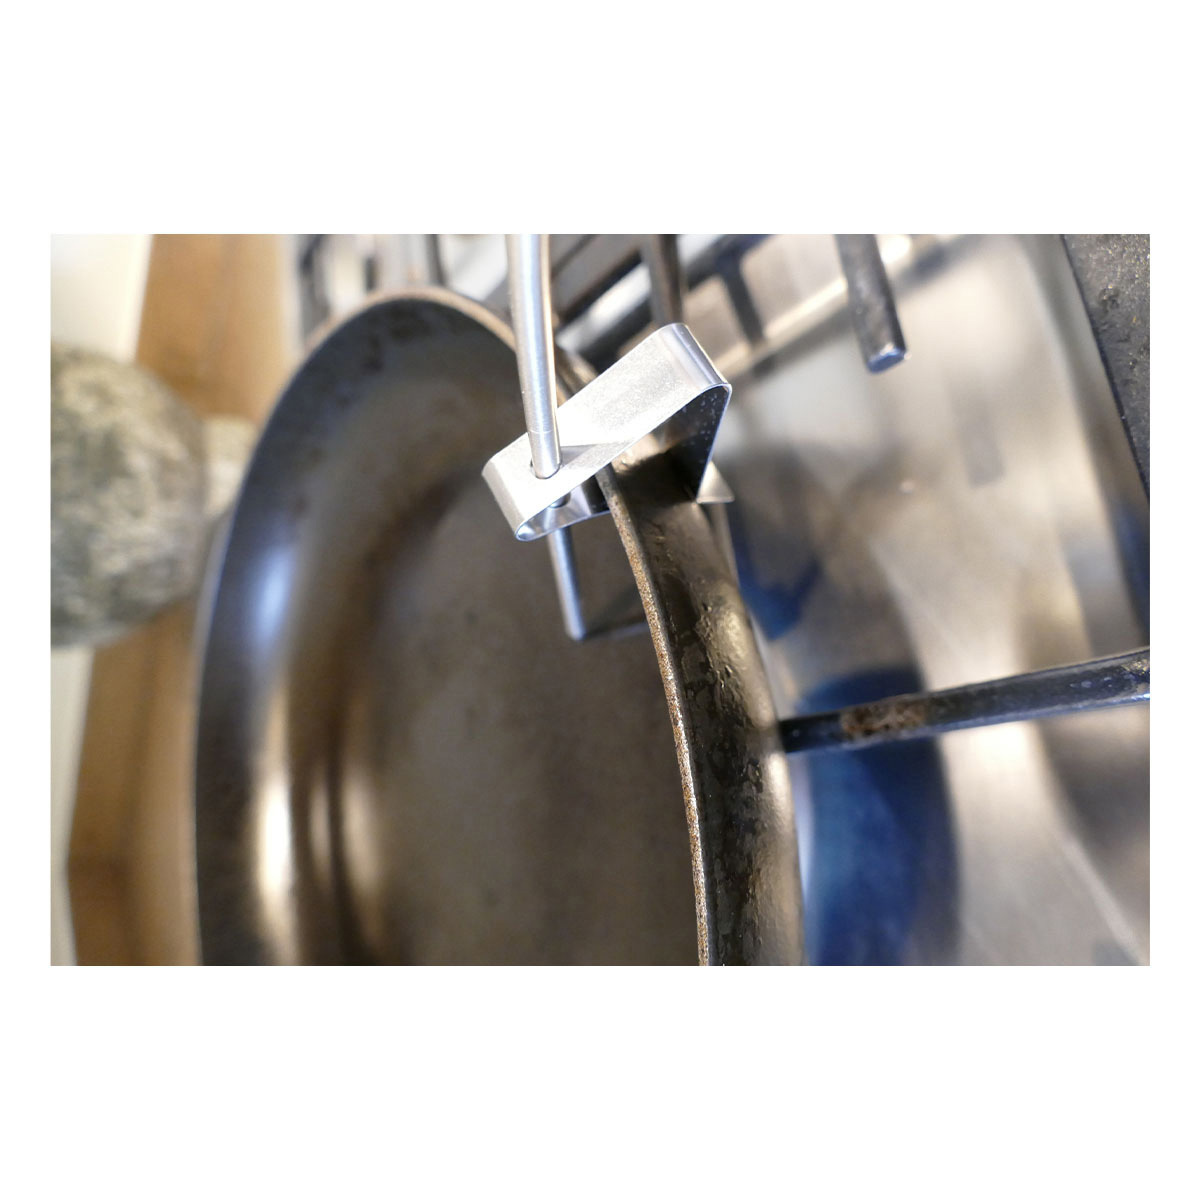 30-3525-60-clips-für-grill-bratenthermometer-anwendung-pfanne1-1200x1200px.jpg